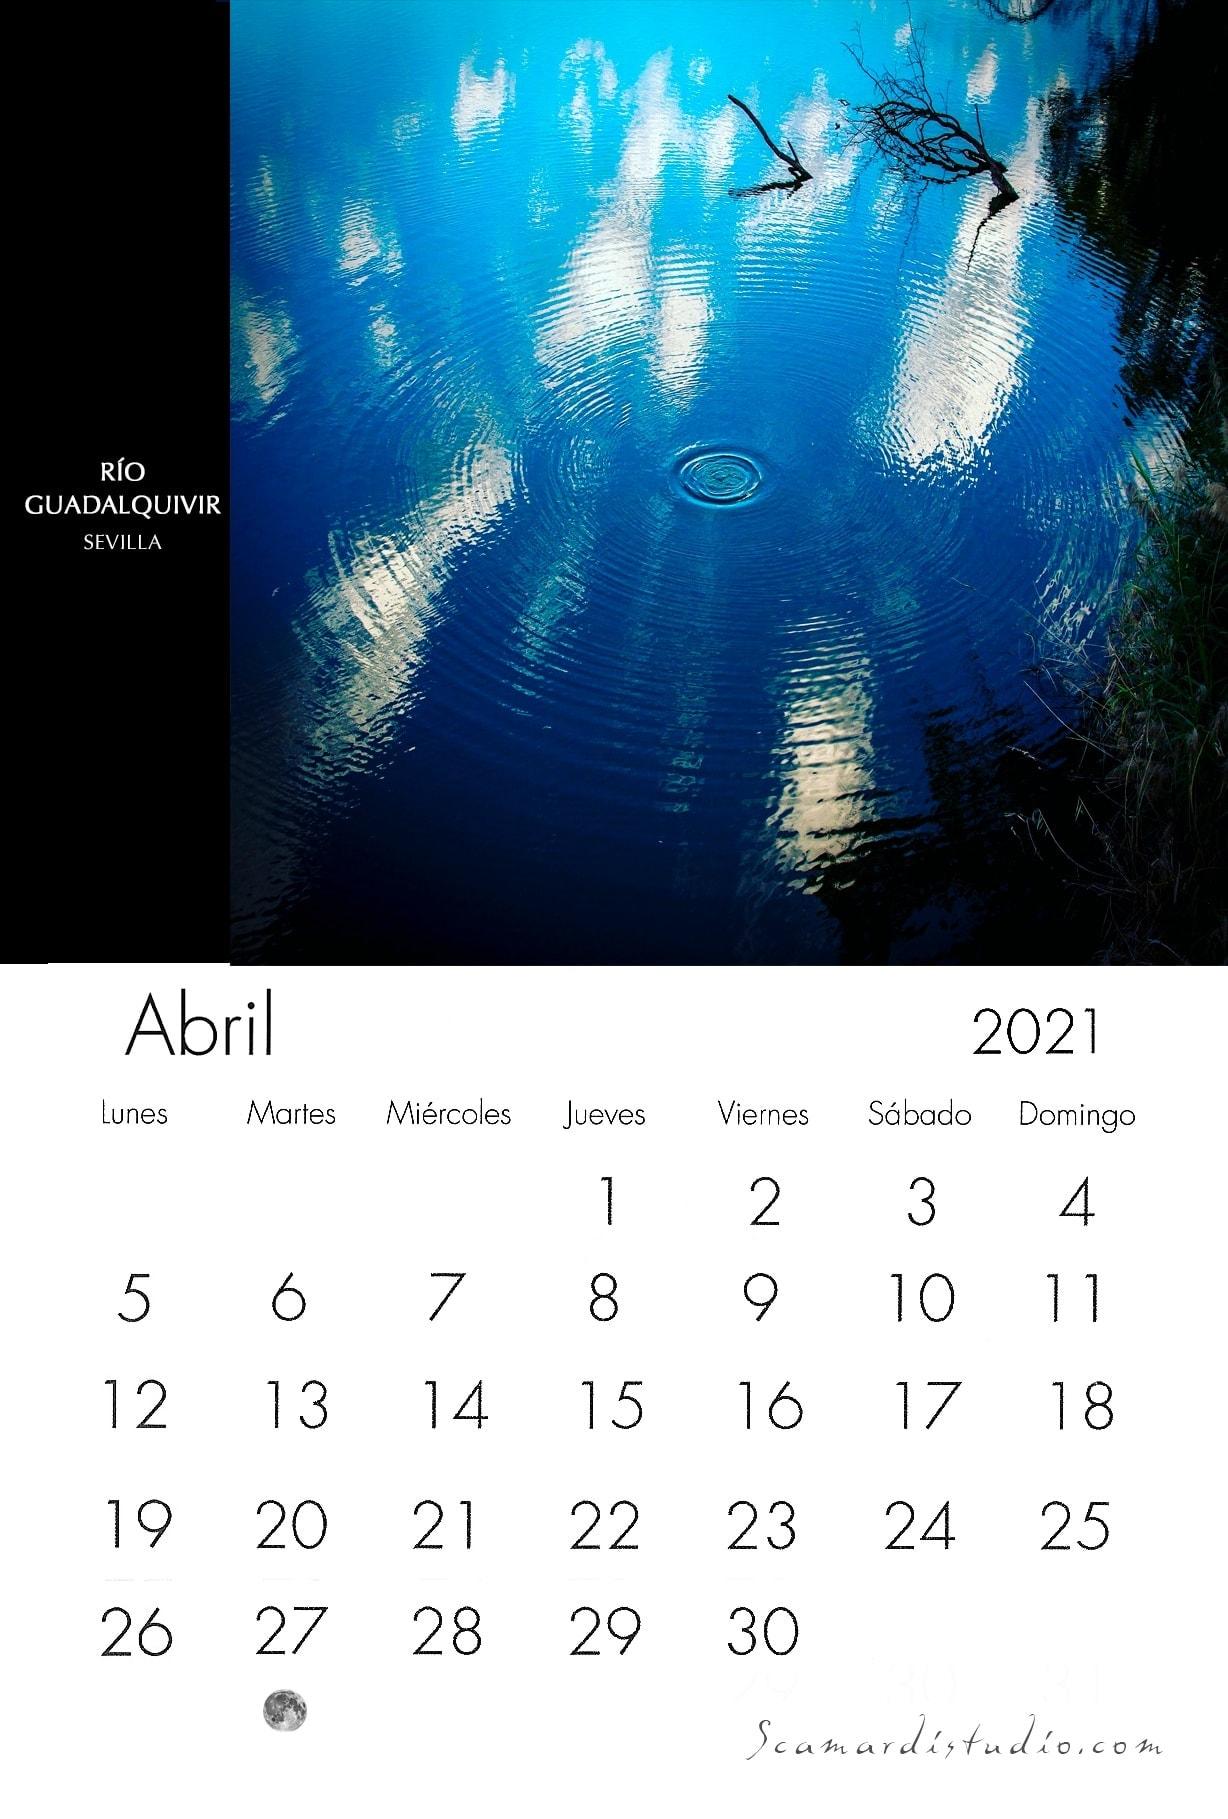 Aprile Callendario 2021